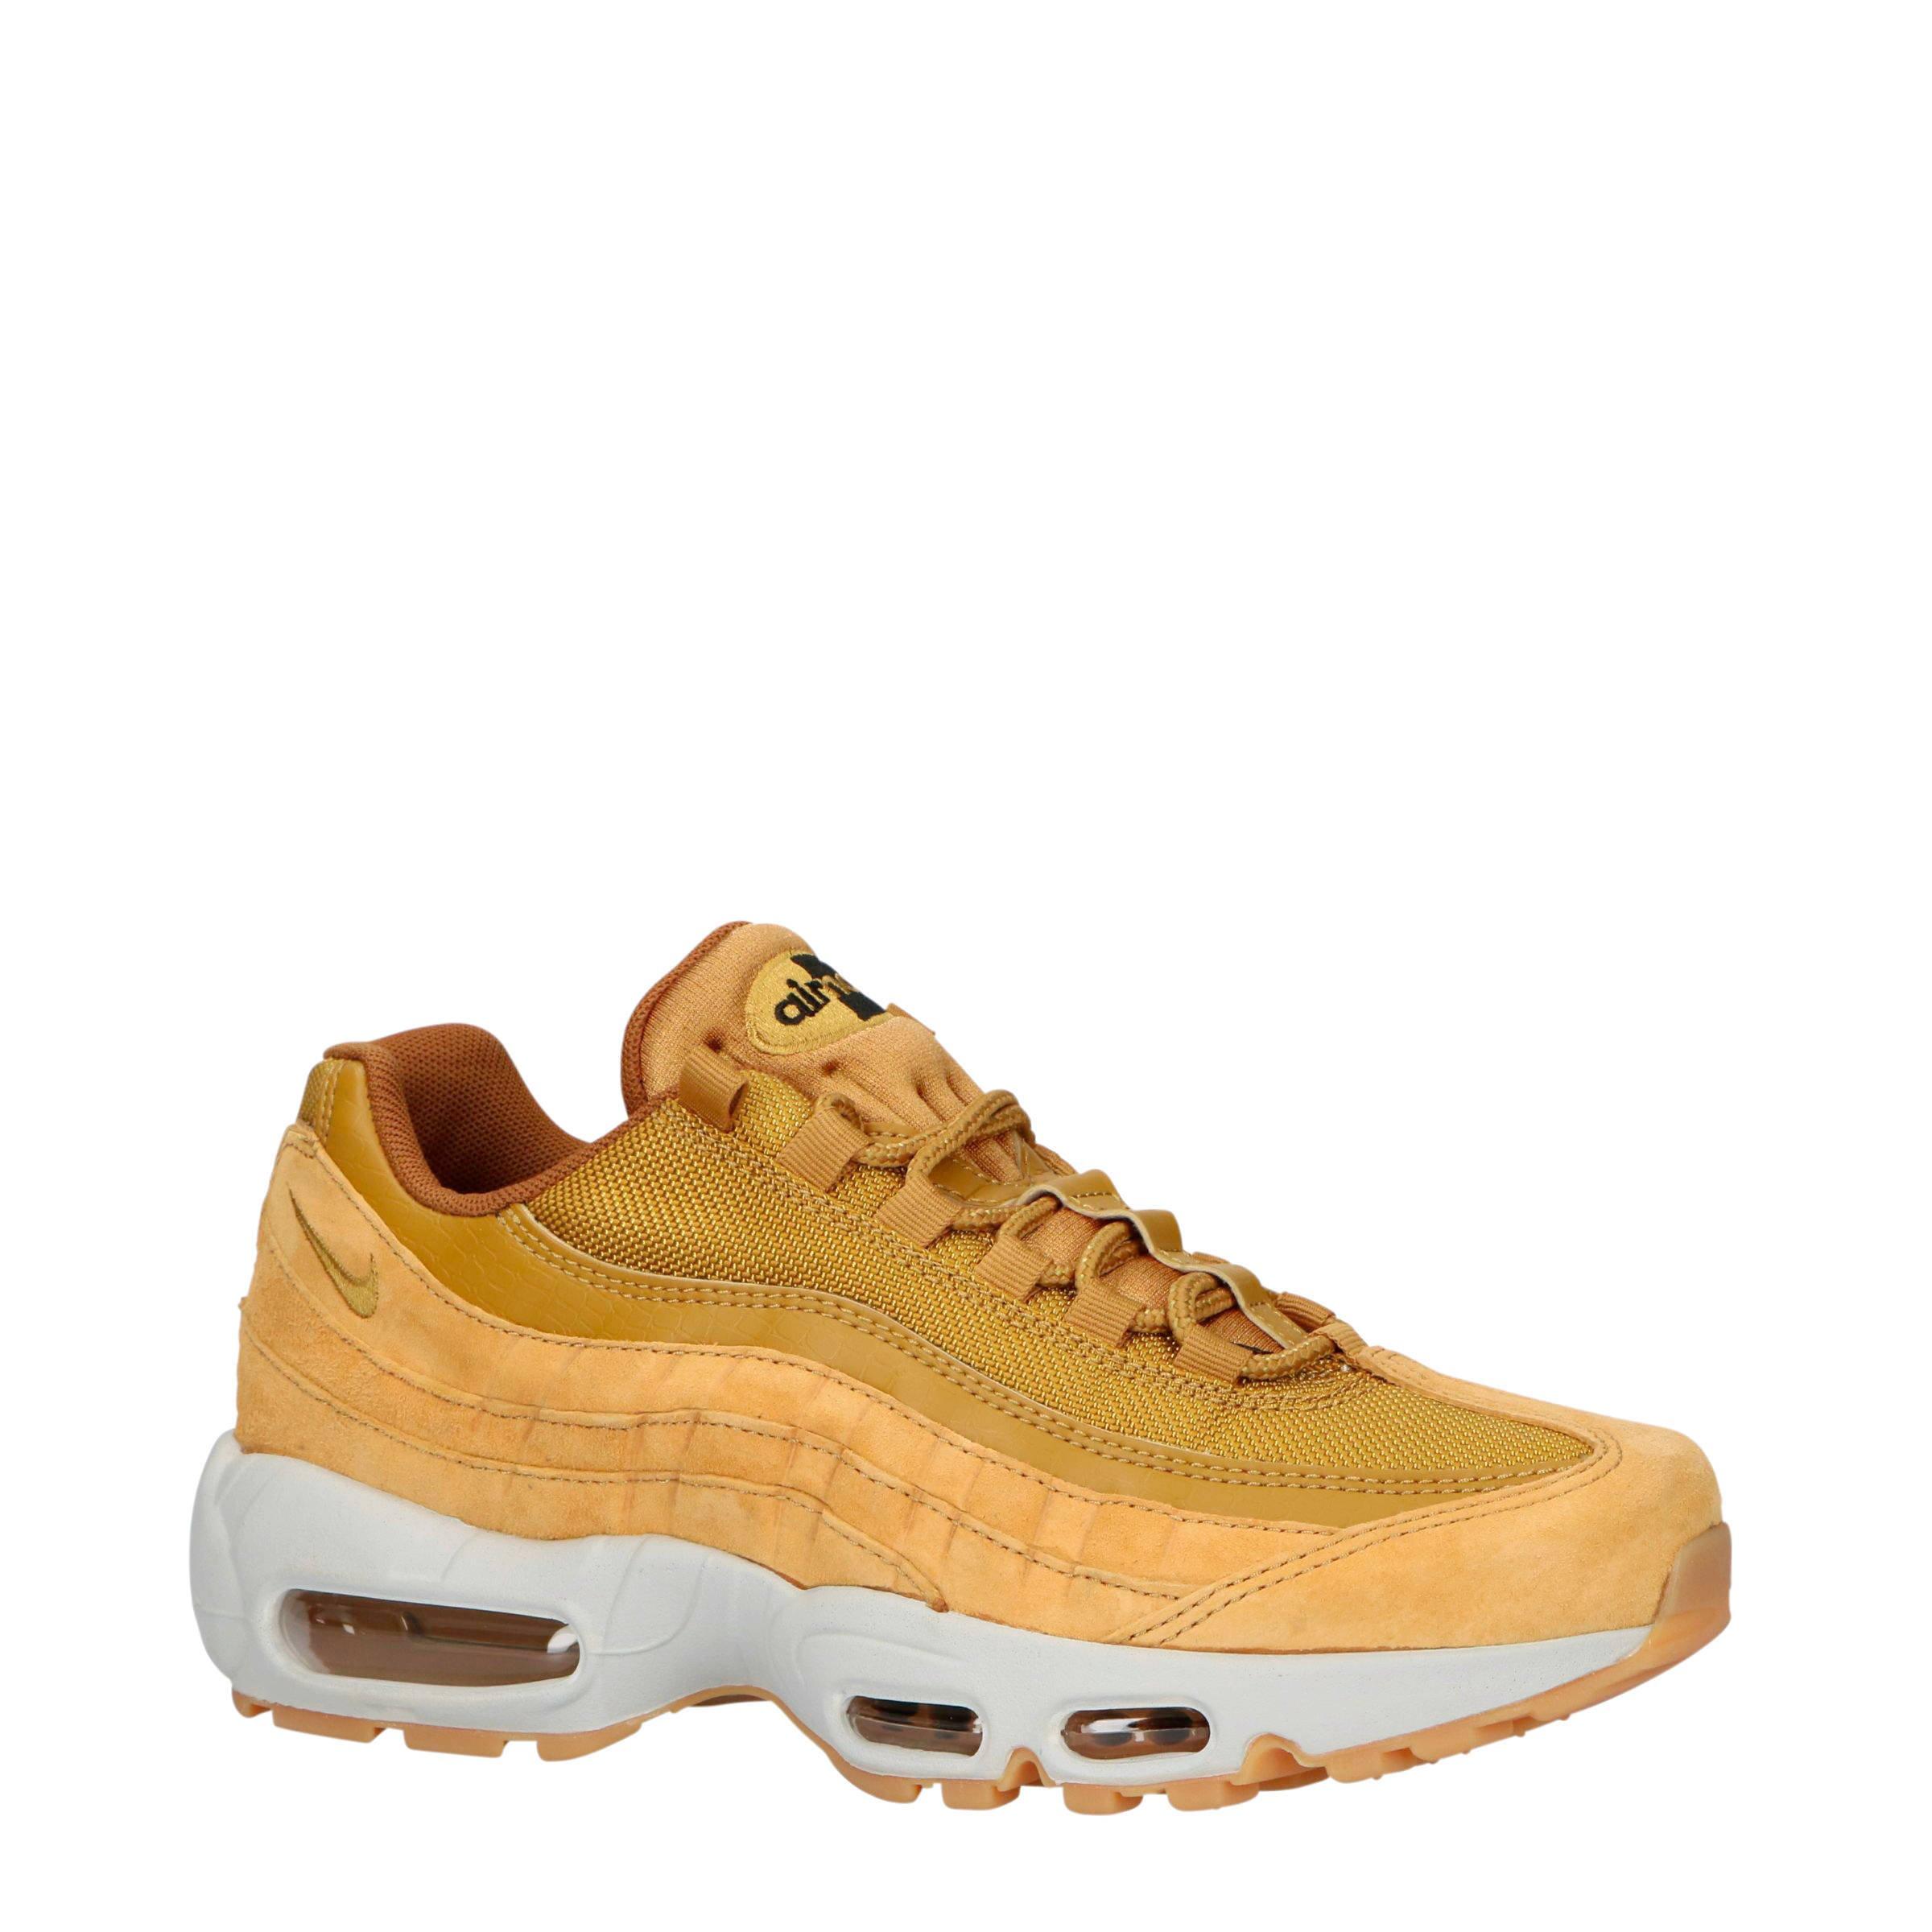 Nike Air Max 95 SE Air Max 95 SE sneakers  63682fbe6